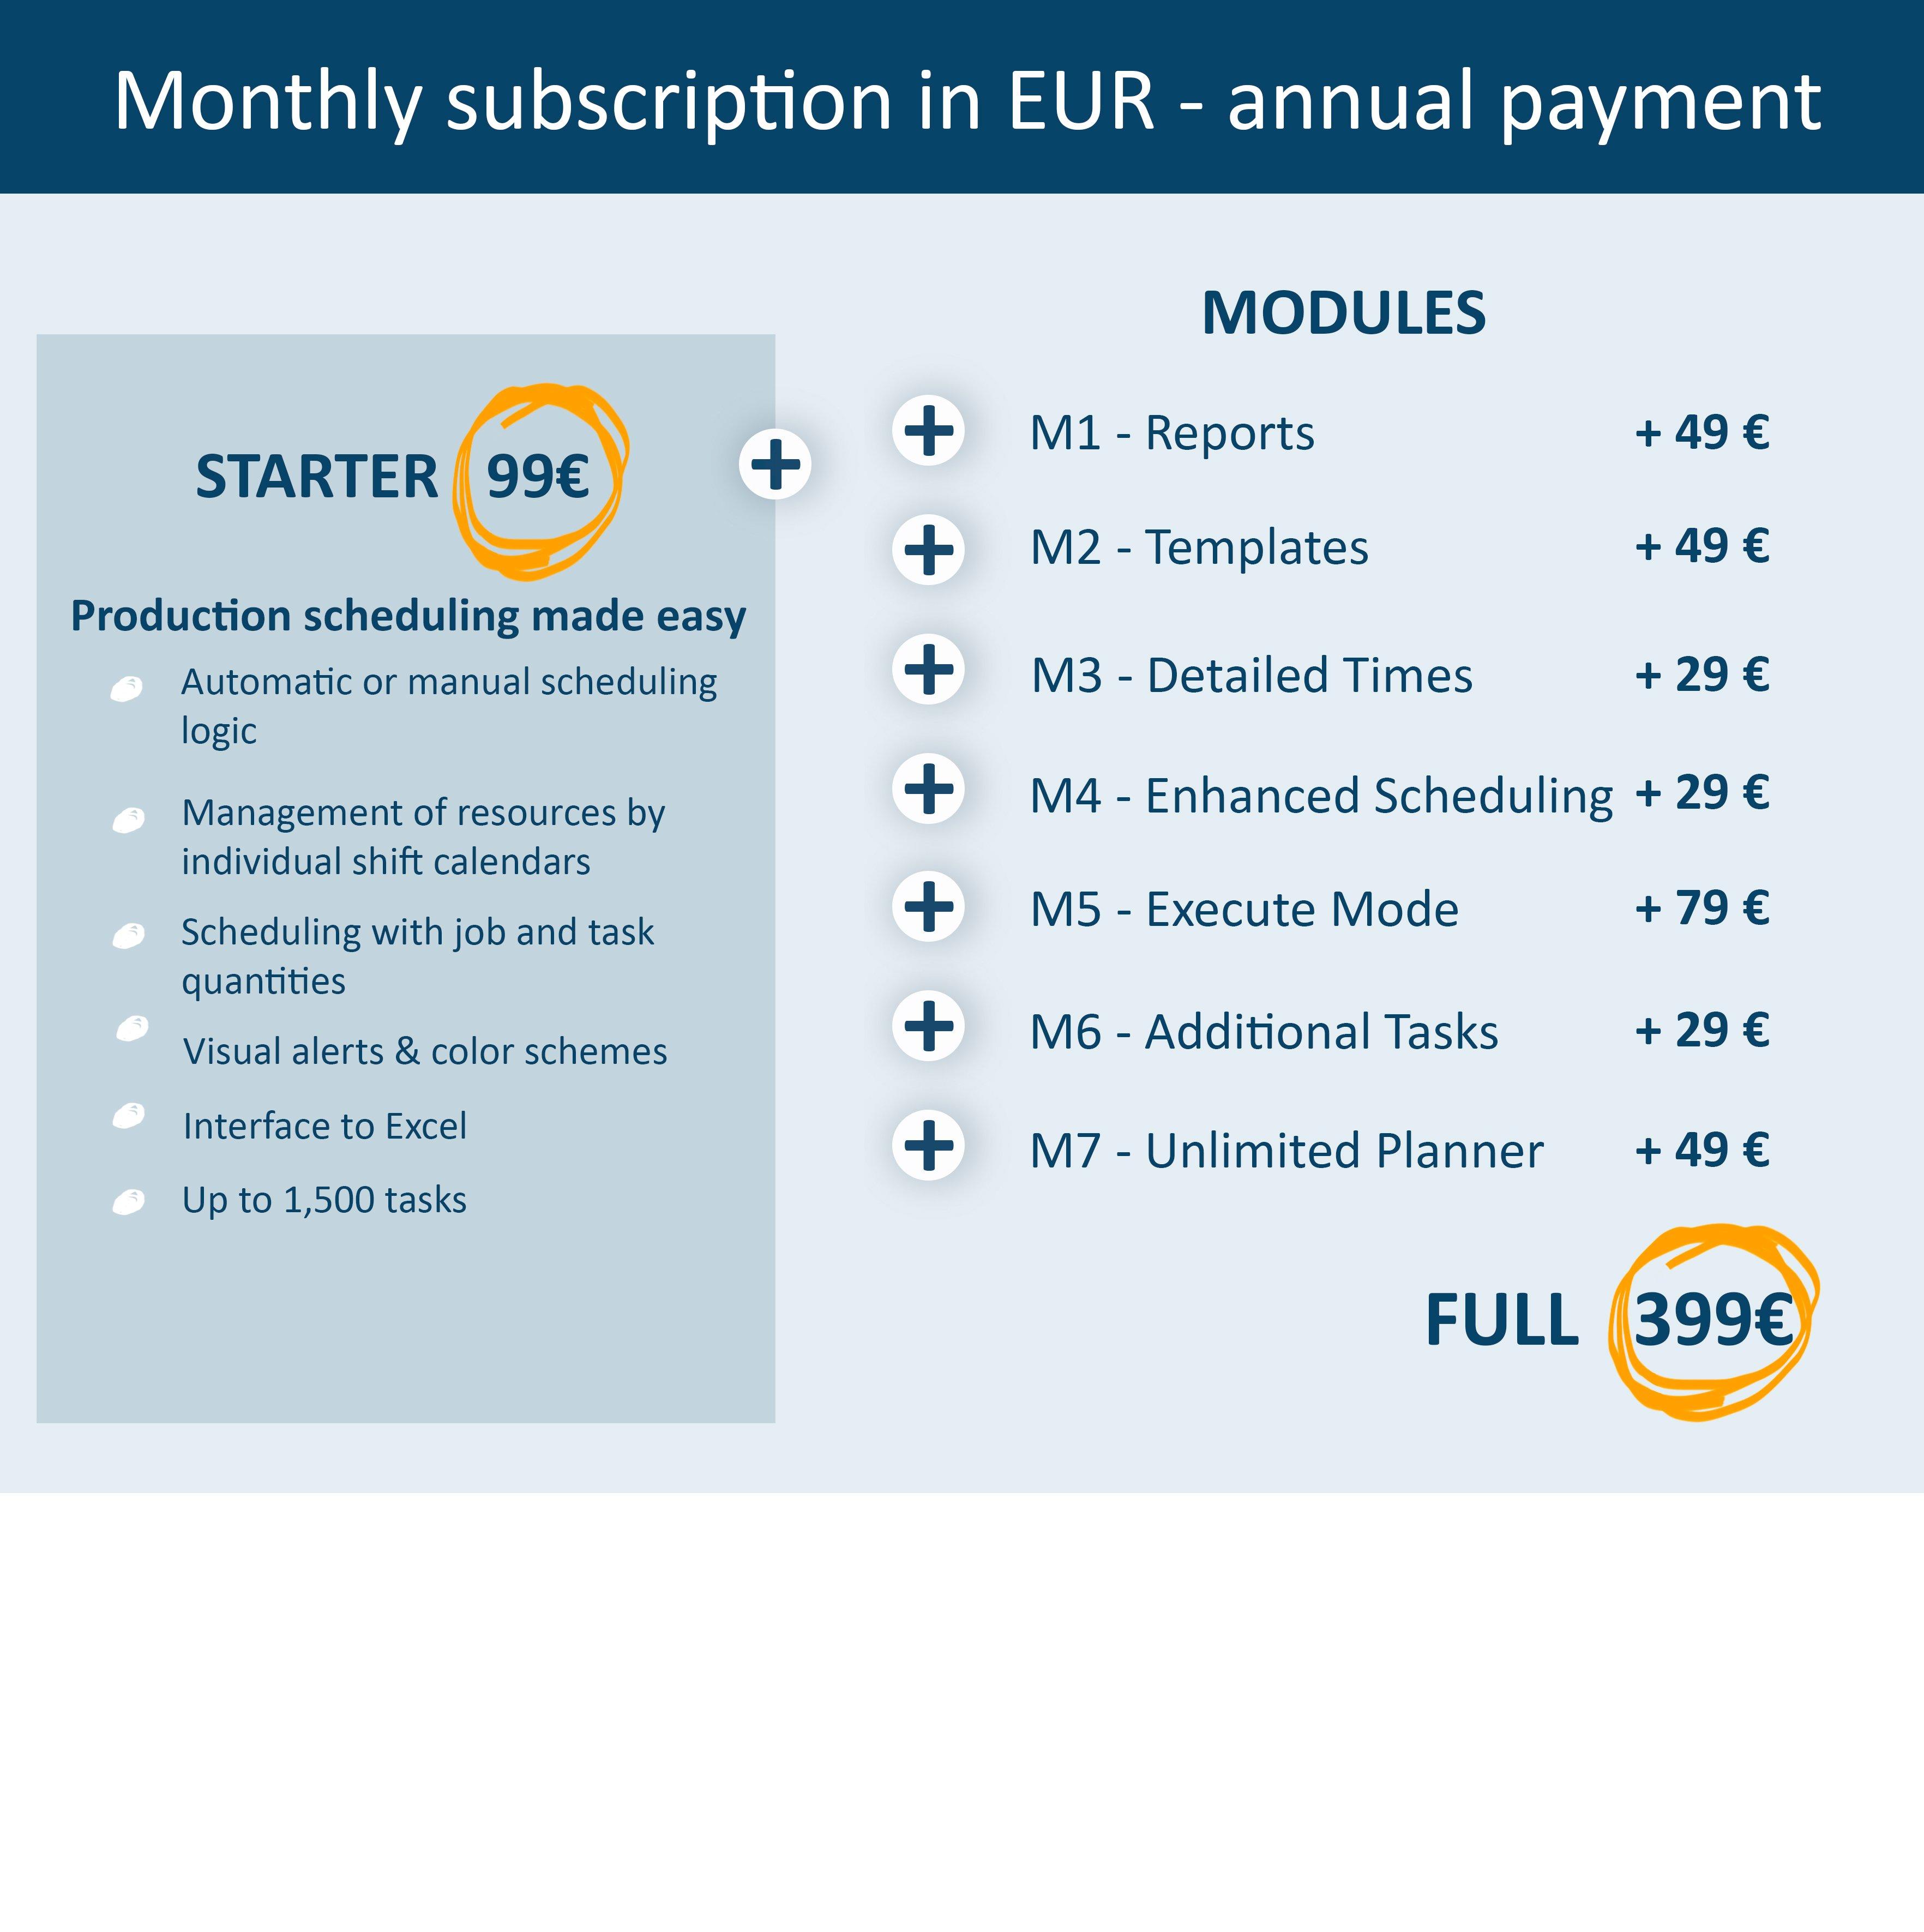 euros annually